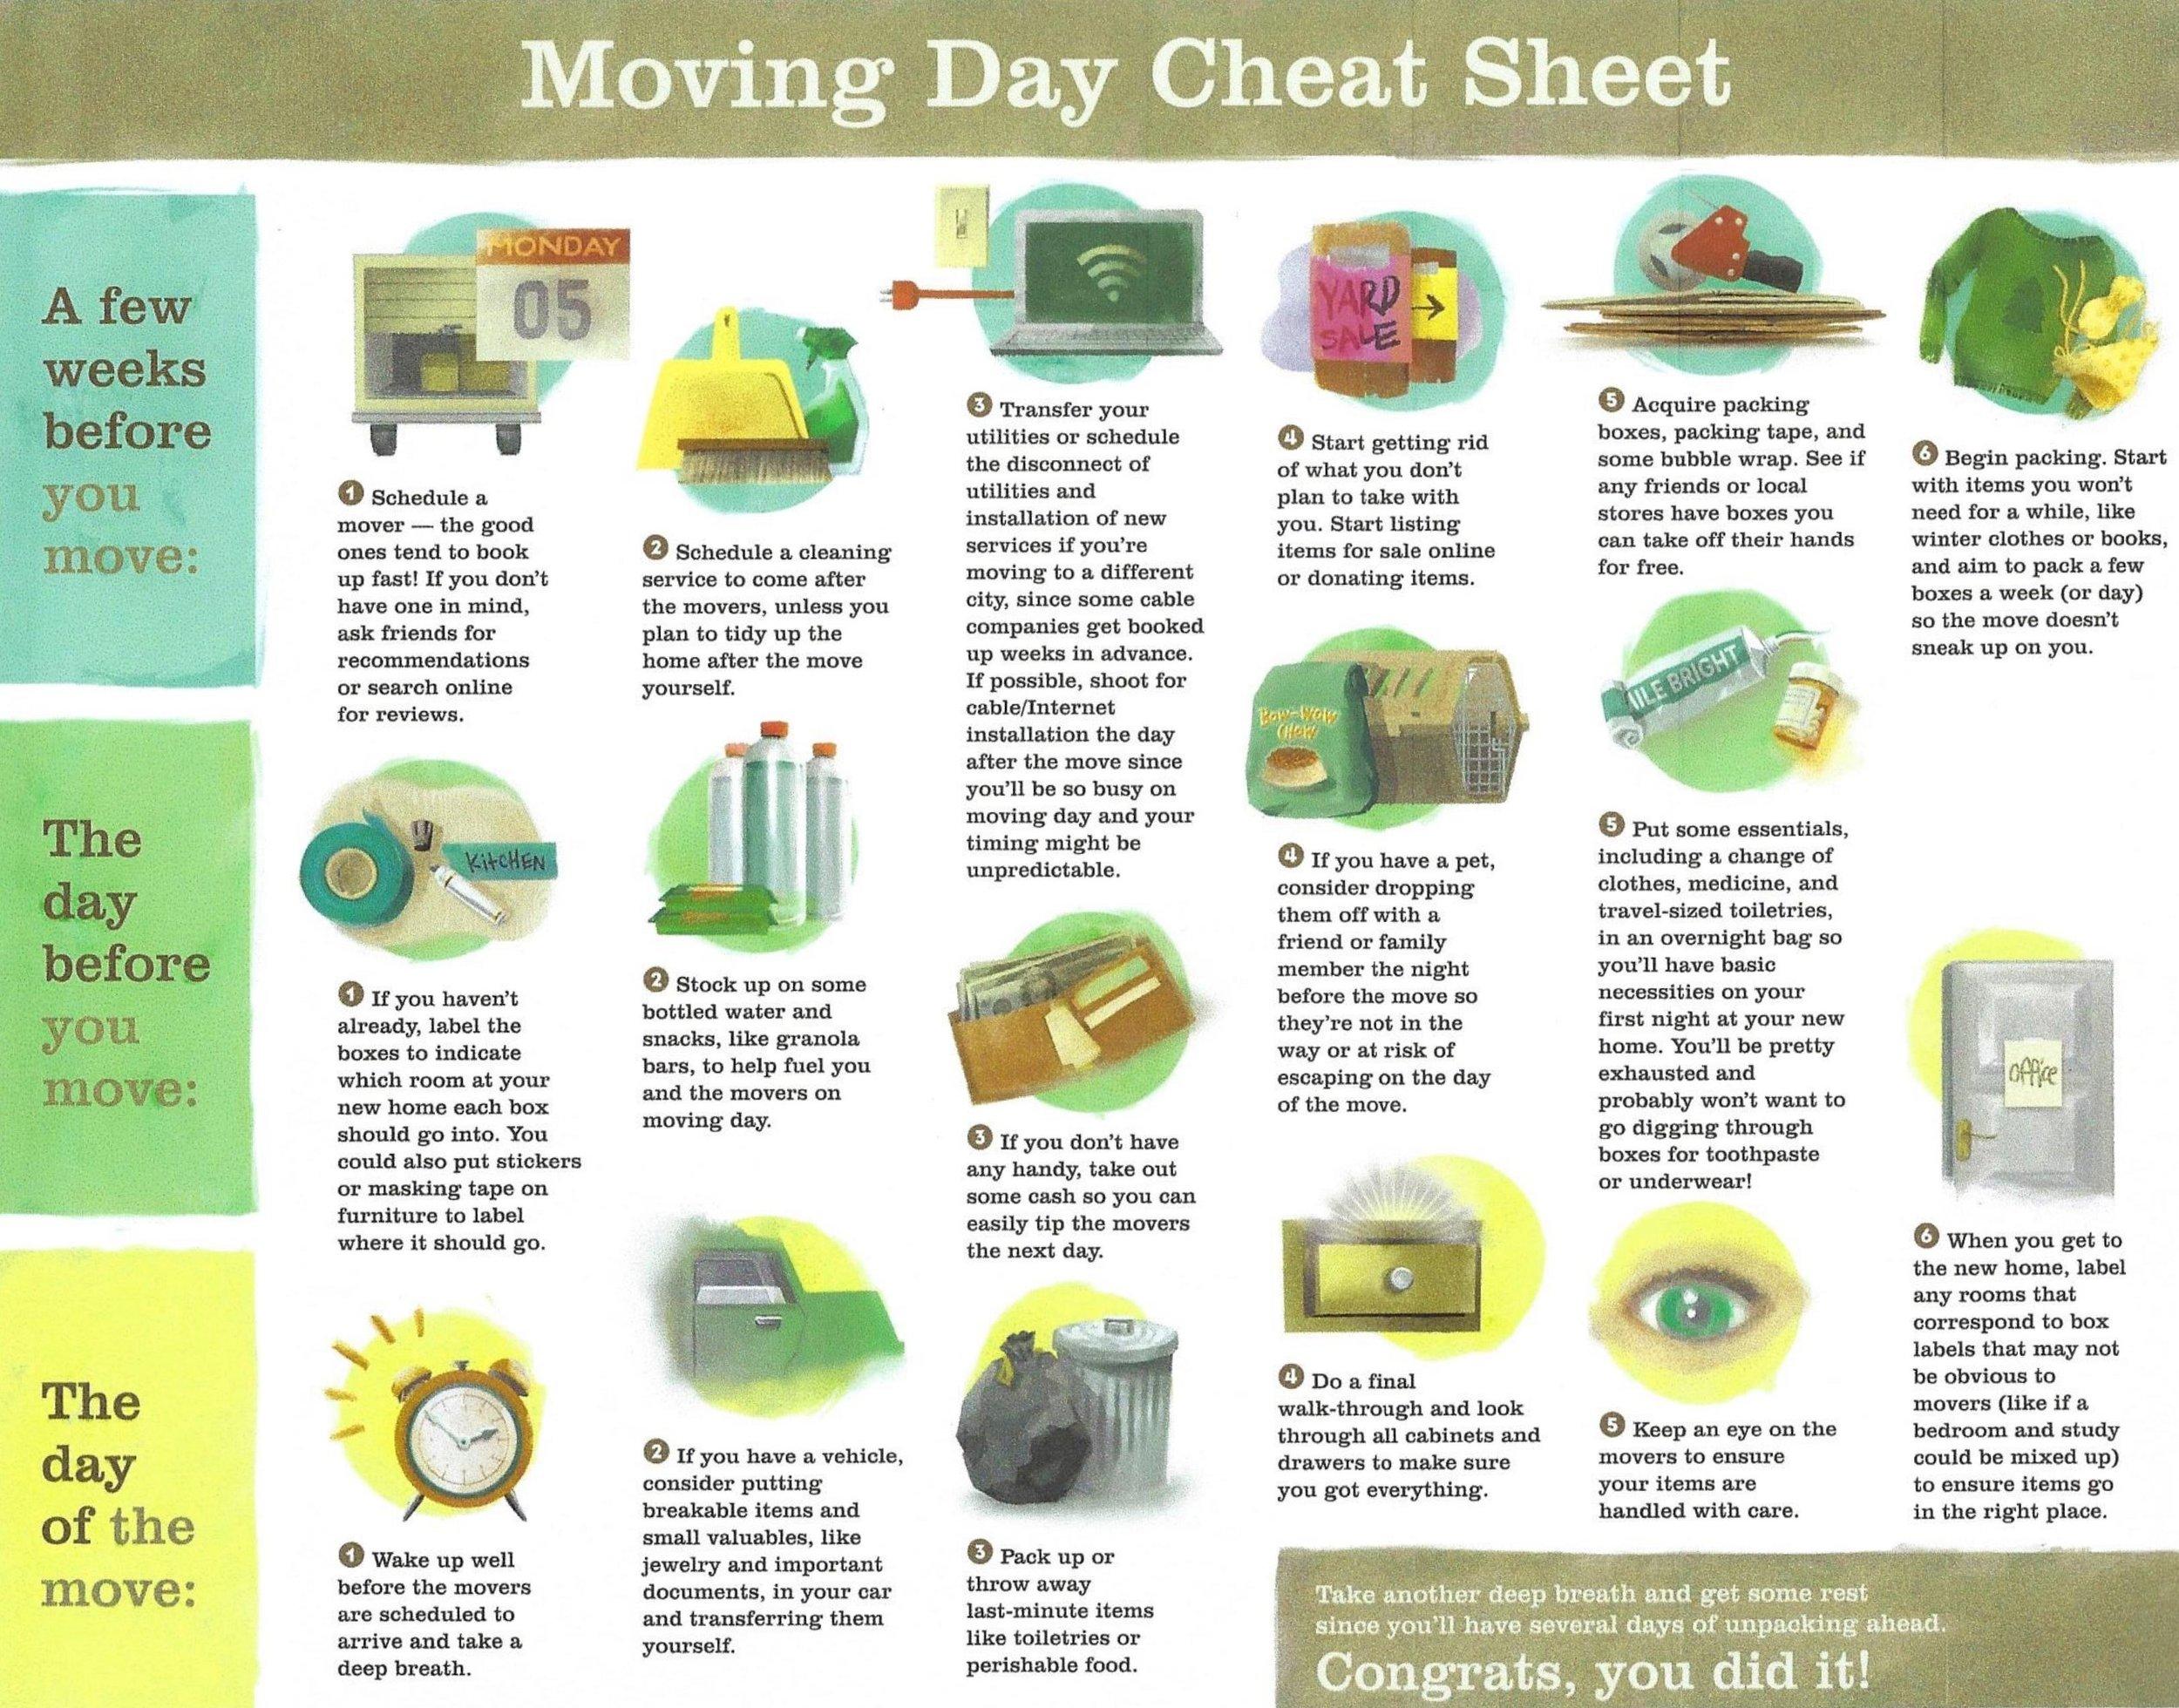 moving tips.jpg